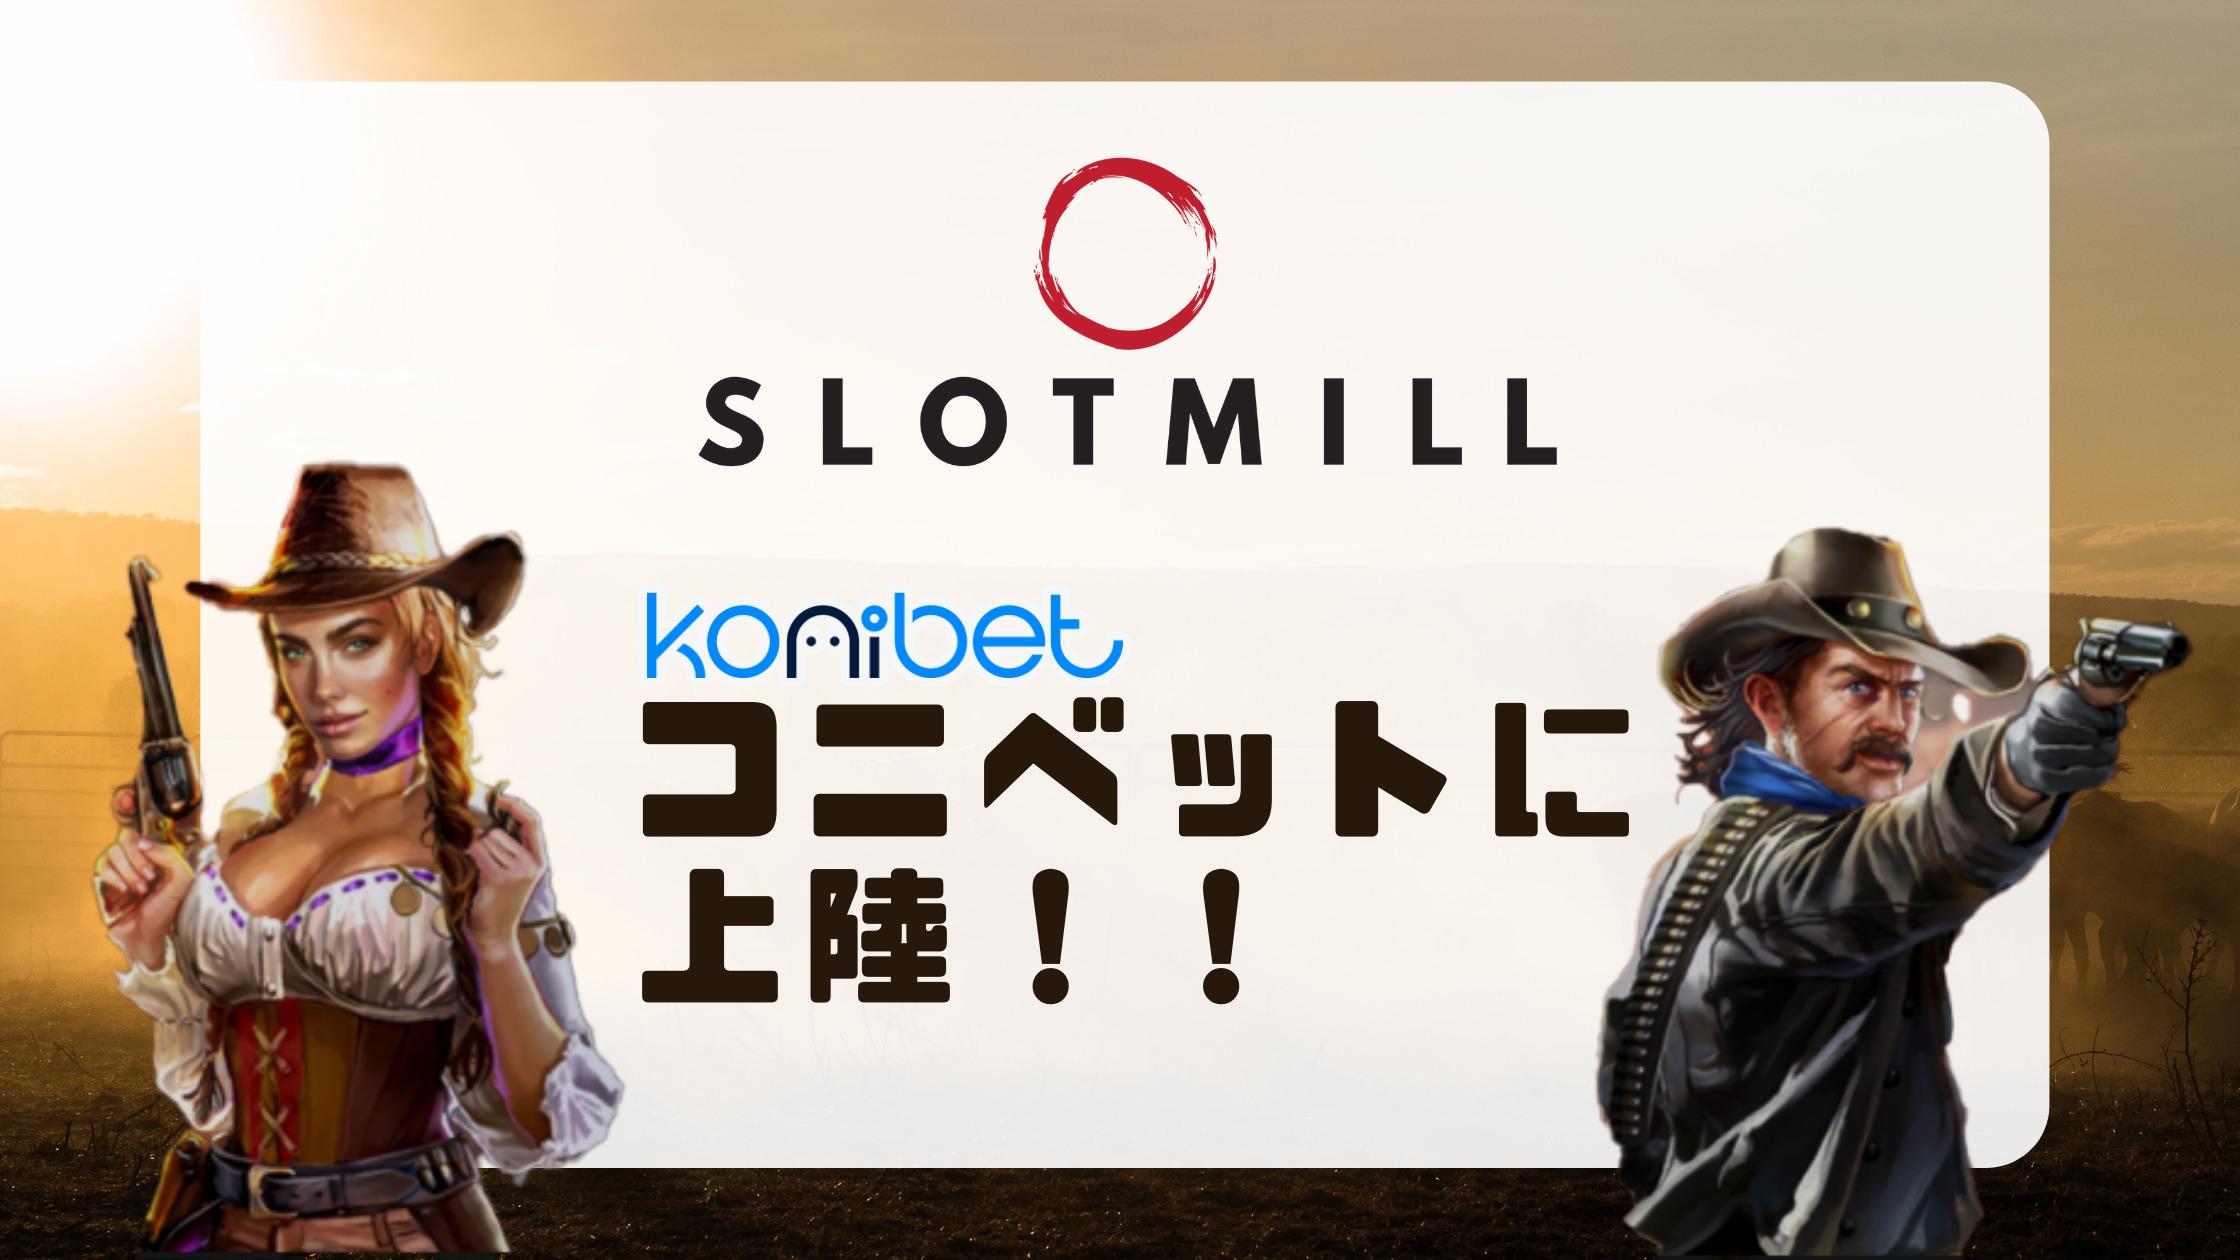 【スロットミル(SLOTMILL)】新進気鋭のスロットプロバイダーがコニベットに登場!